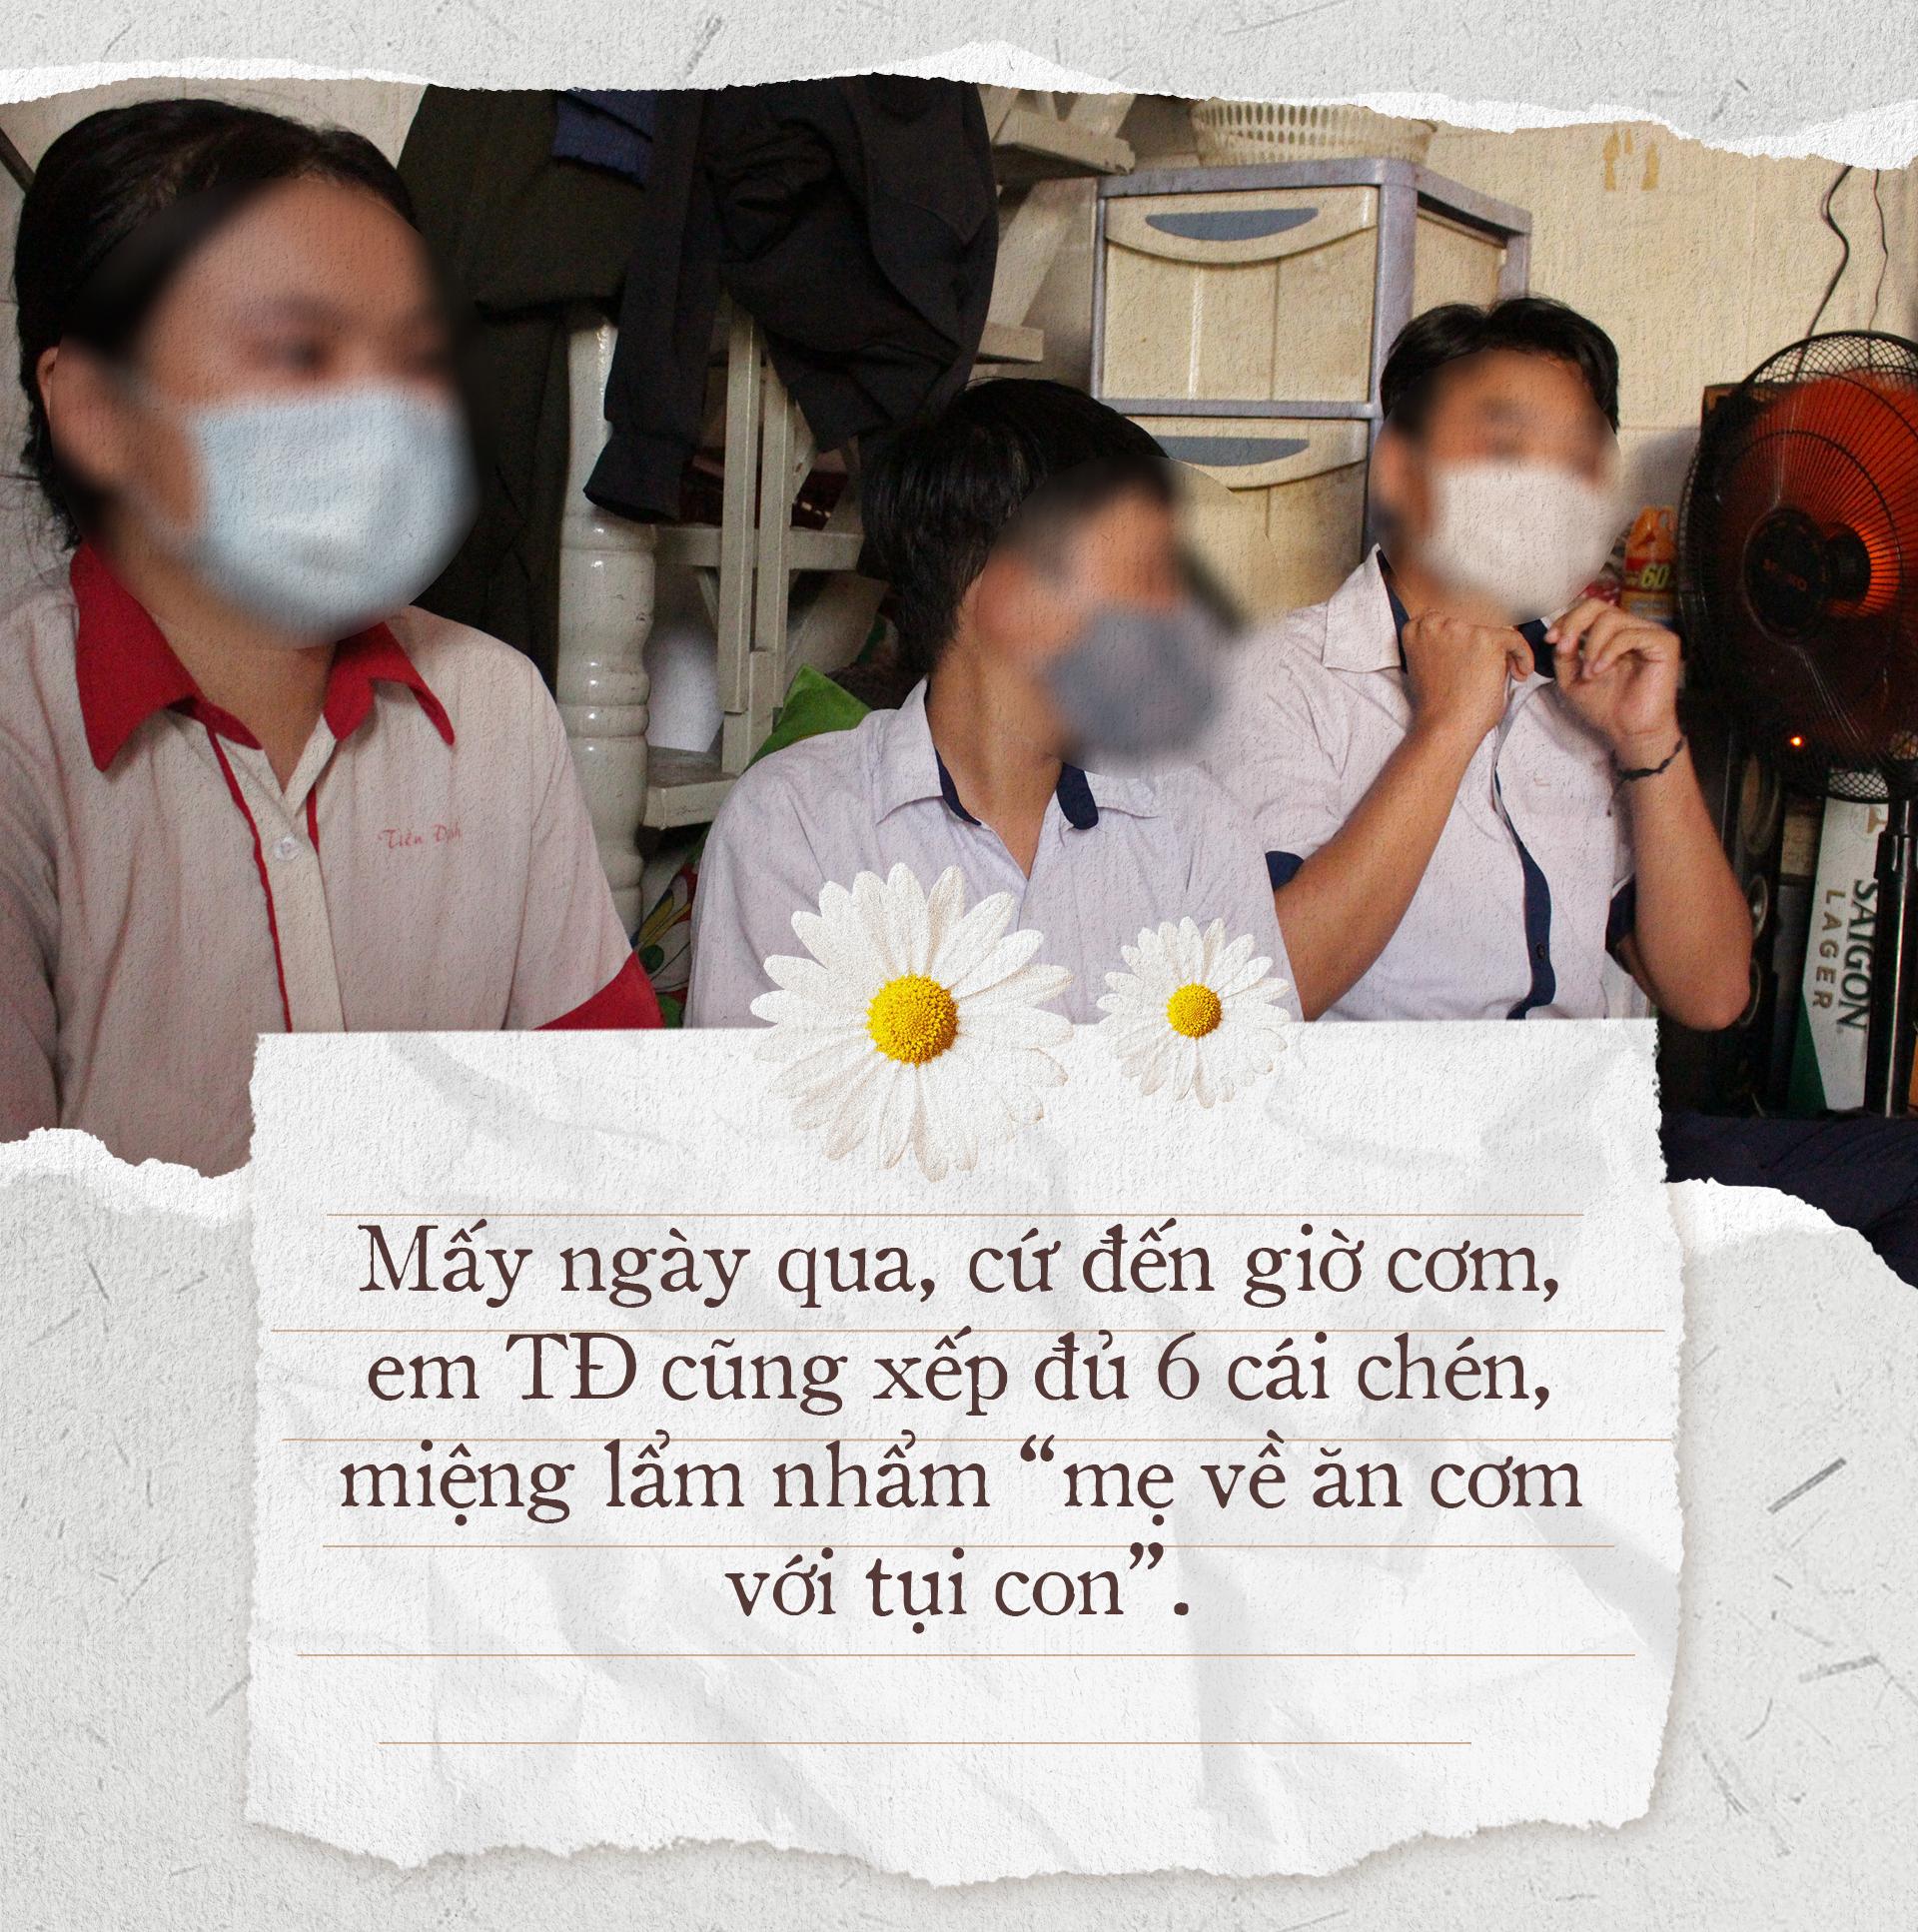 Mồ côi do COVID-19: Em cần 1 gia đình!  - ảnh 17